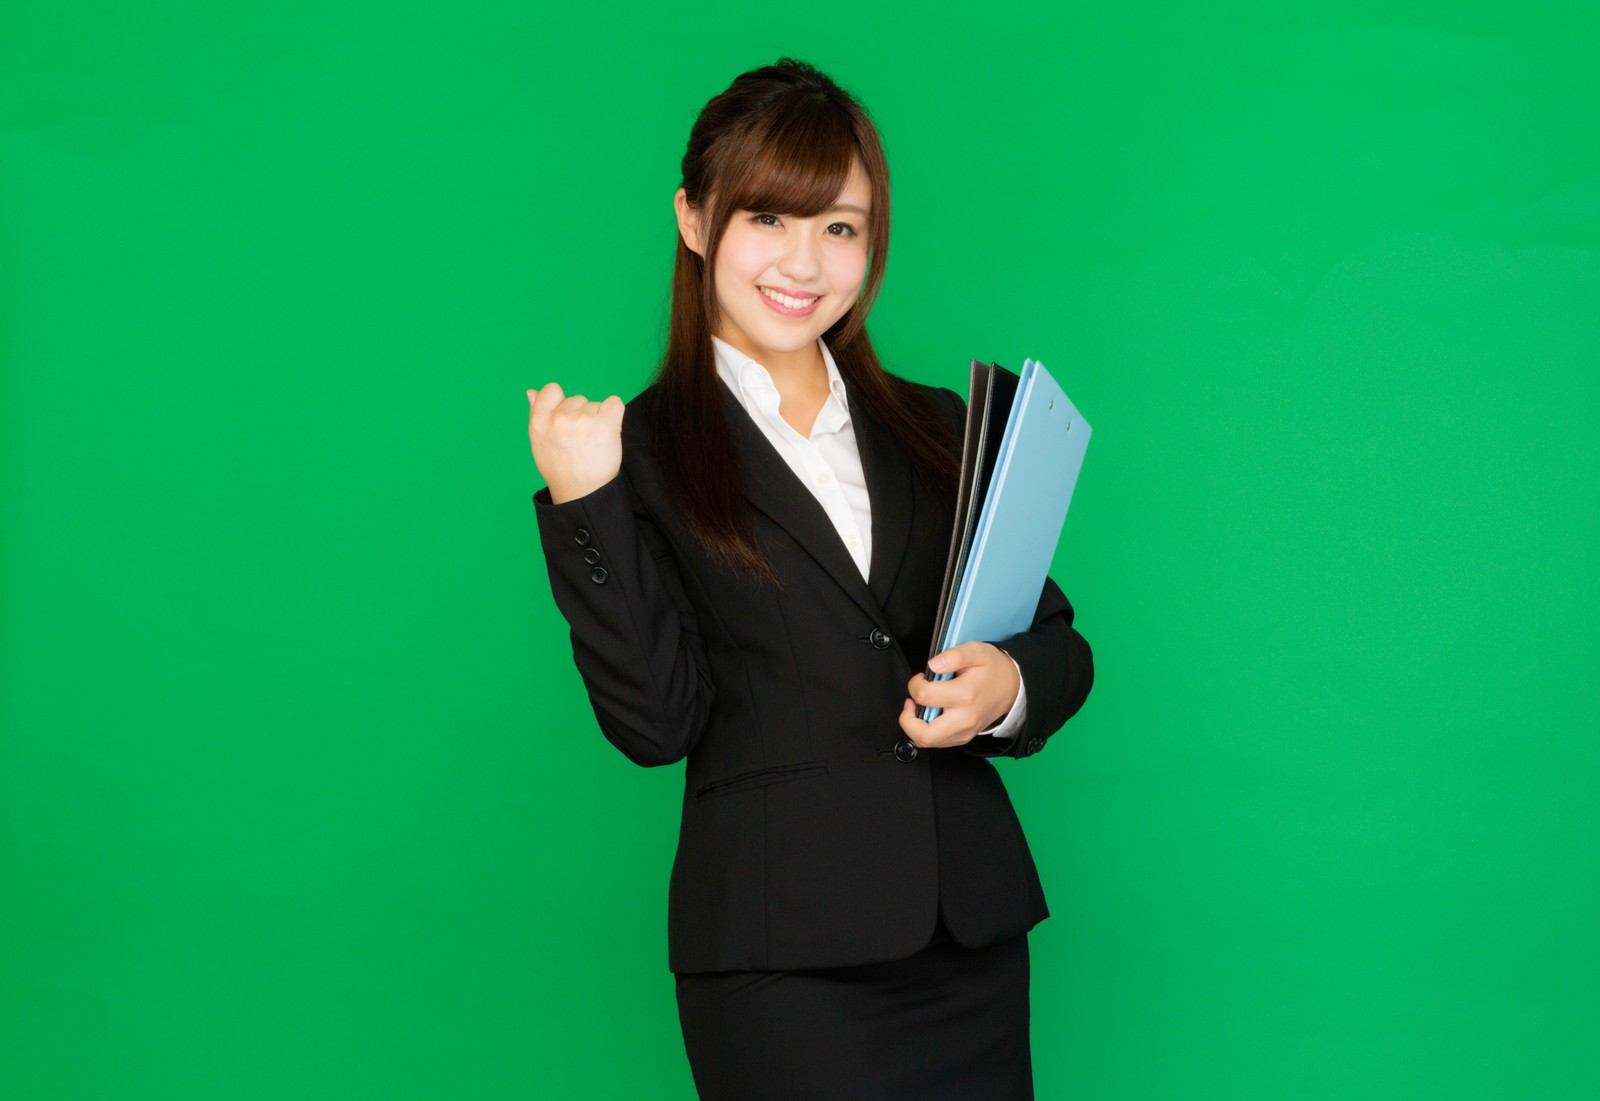 新卒・学生向けの面白そうな就活サービスをただまとめた記事